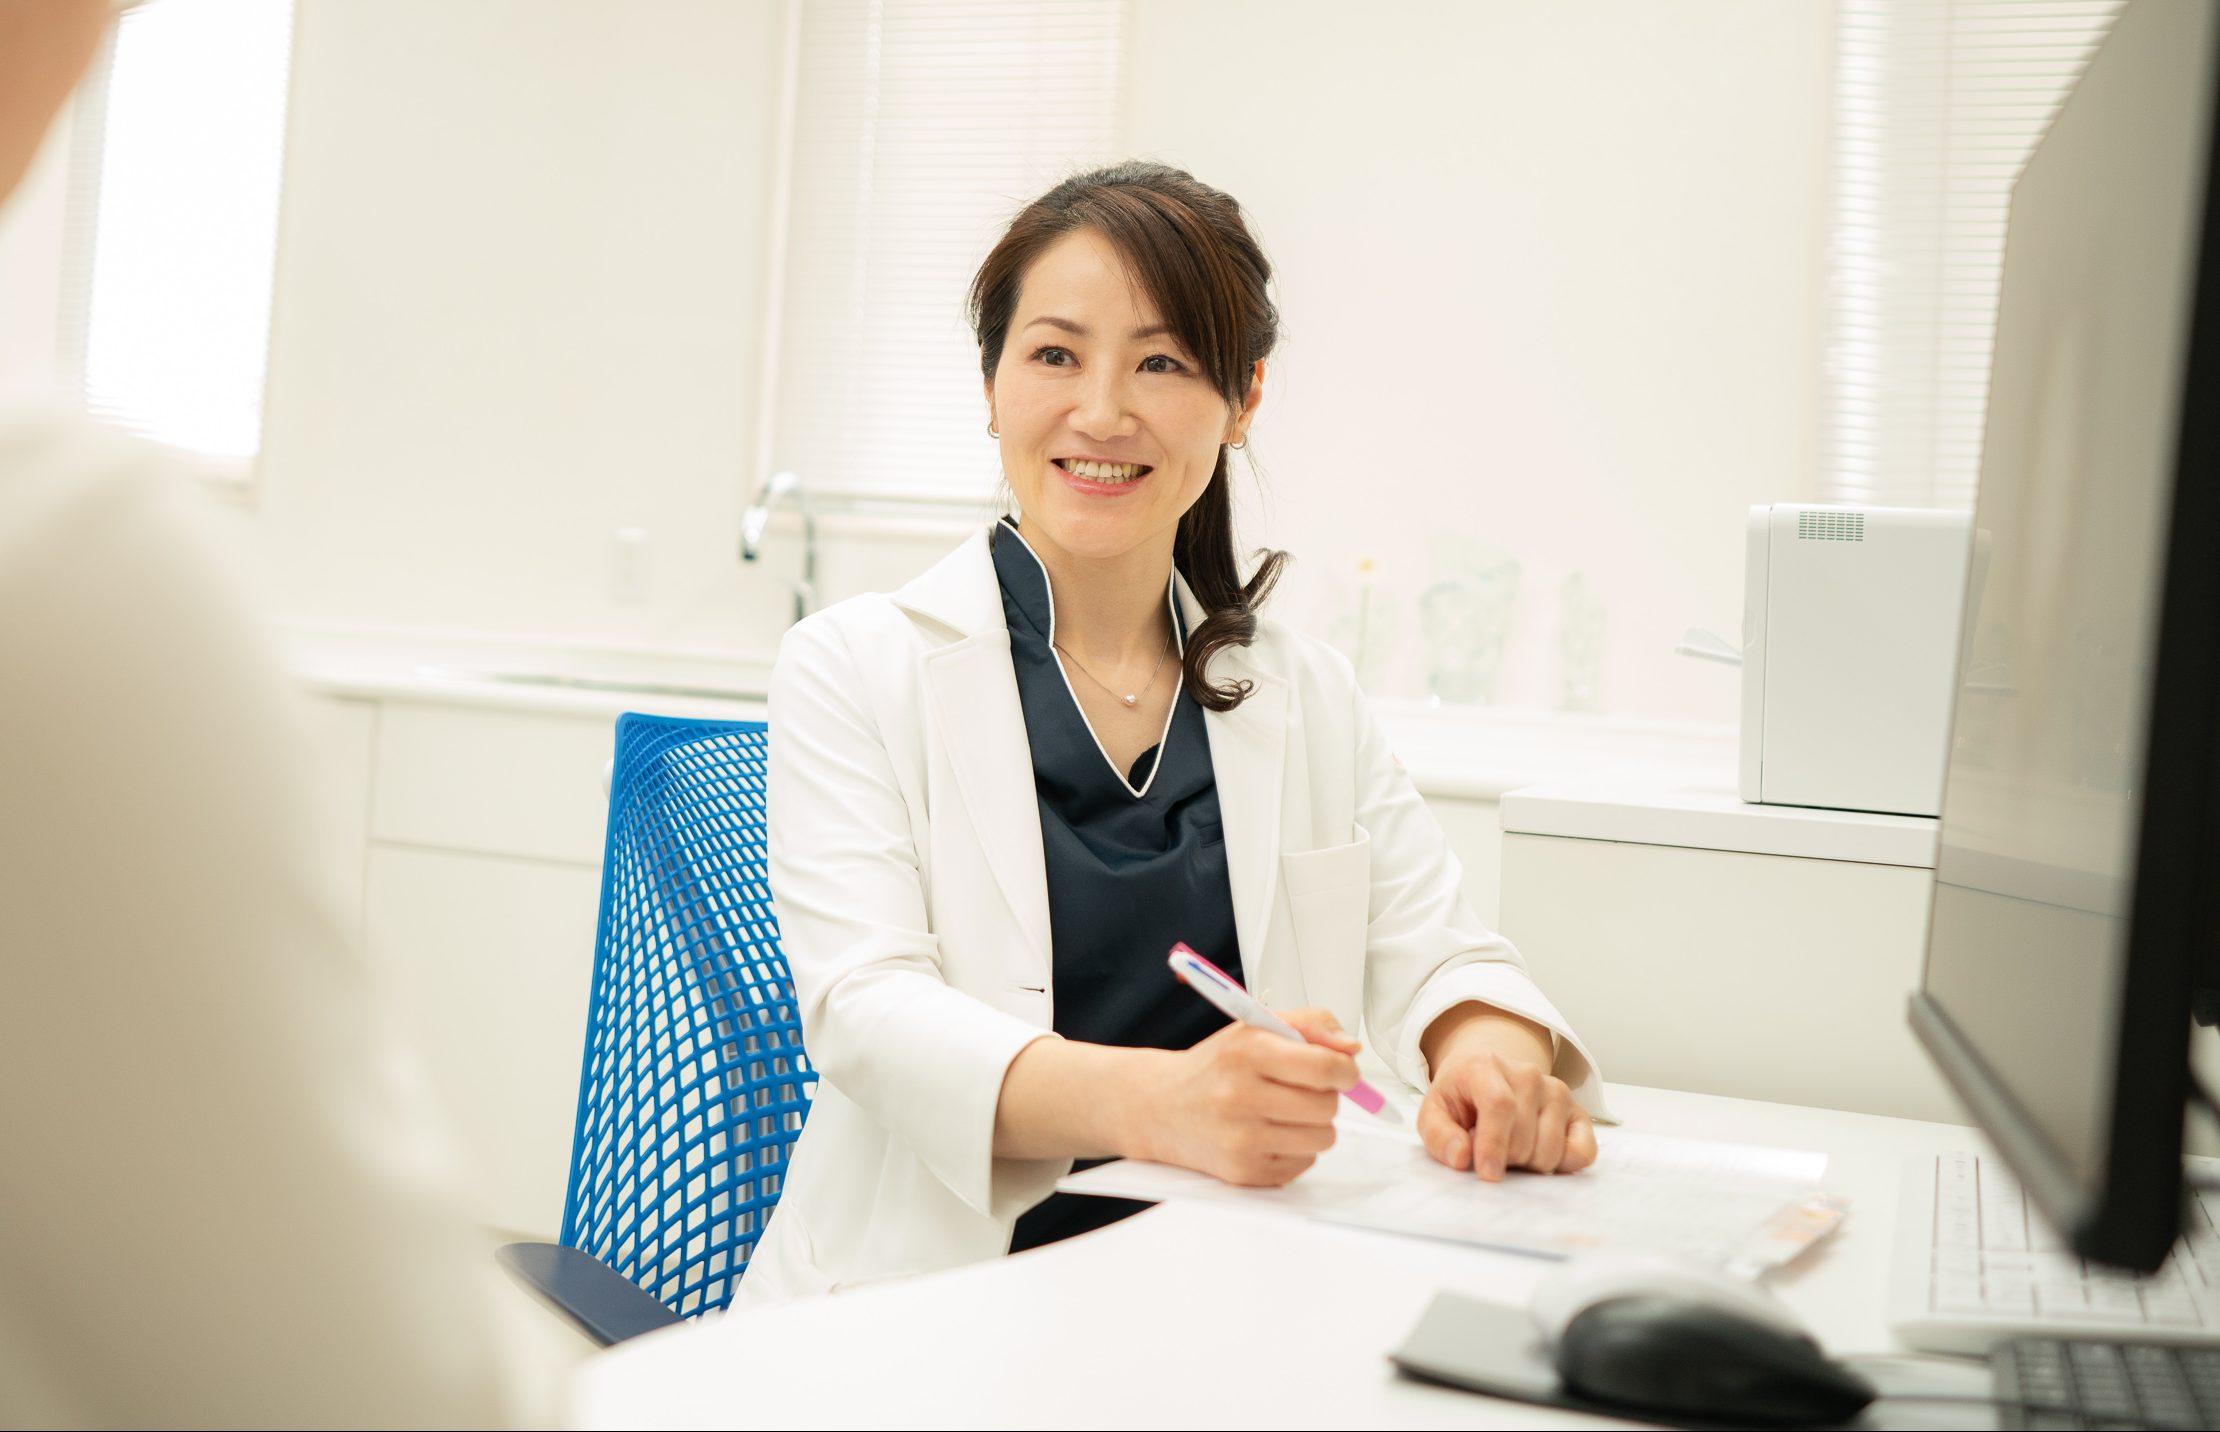 盛岡市の婦人科なら、女性医師による診断ができる畑山レディスクリニック